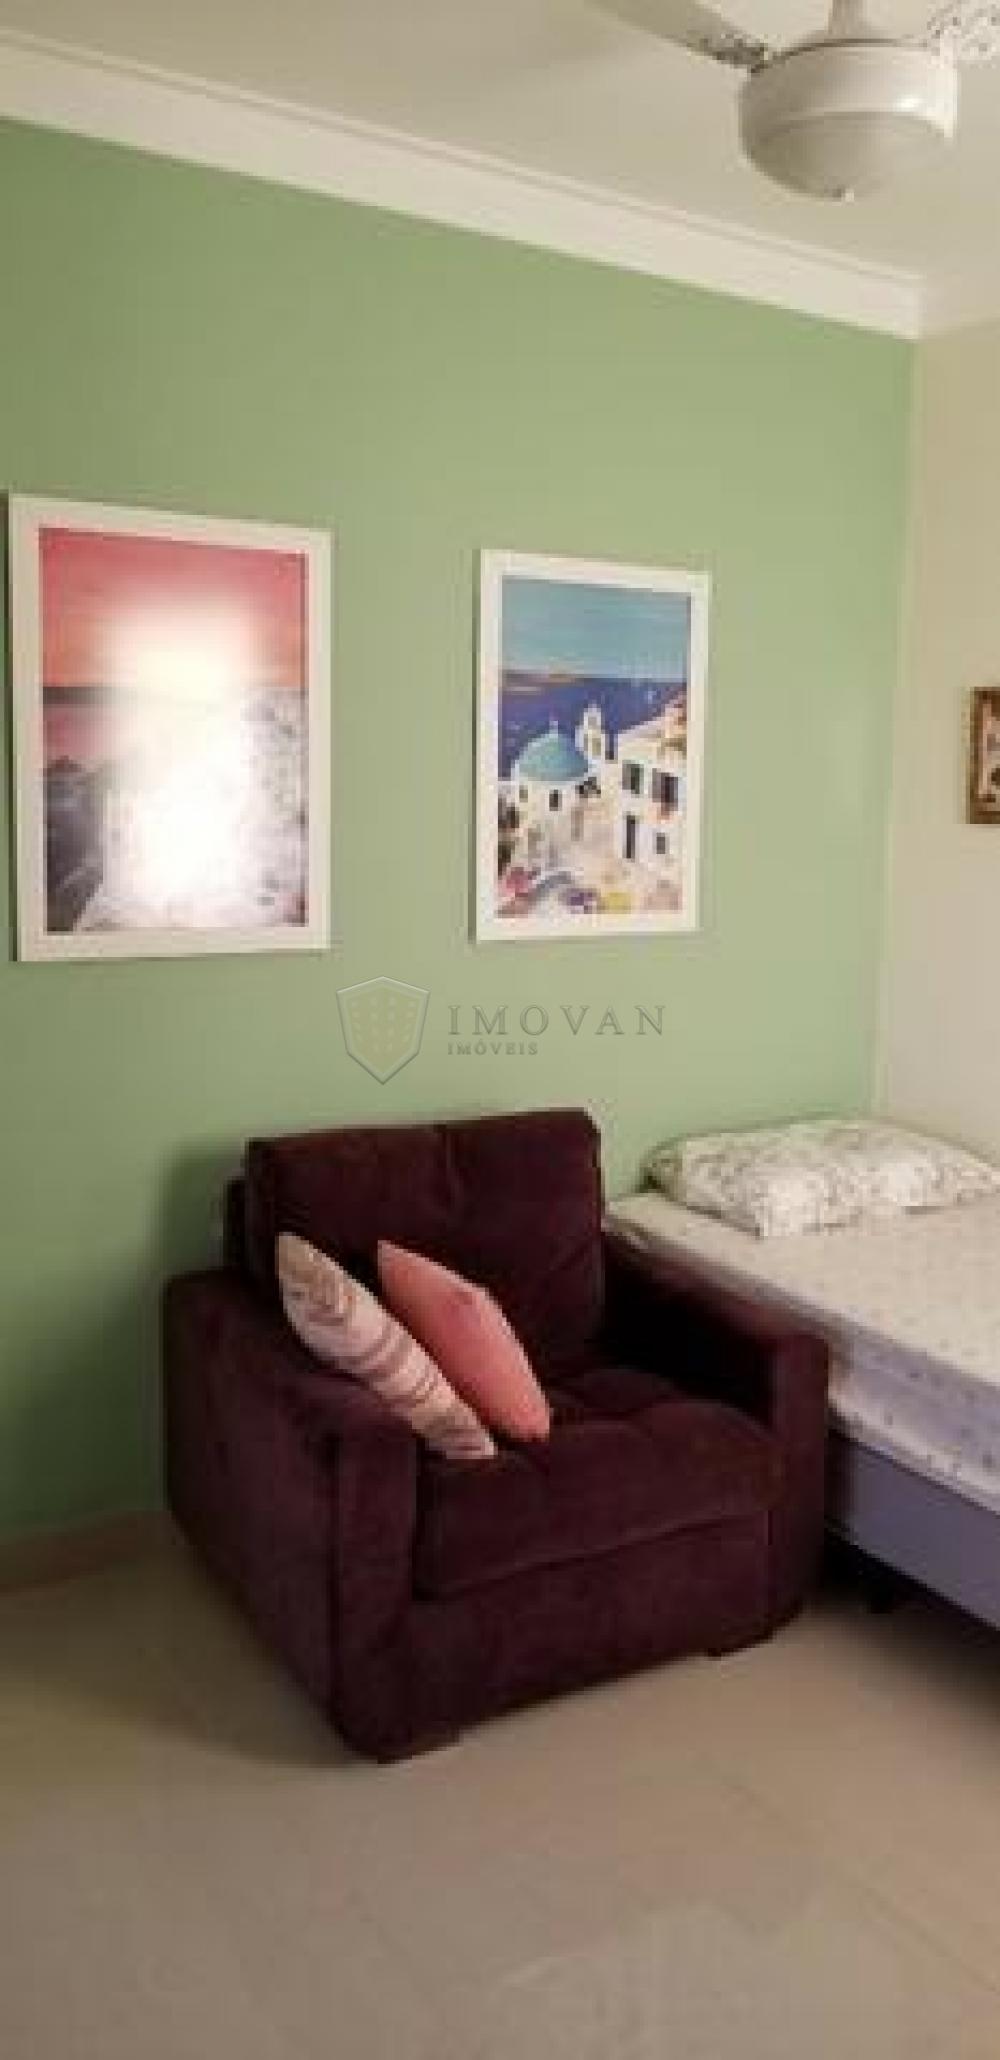 Comprar Apartamento / Padrão em Ribeirão Preto apenas R$ 485.000,00 - Foto 11